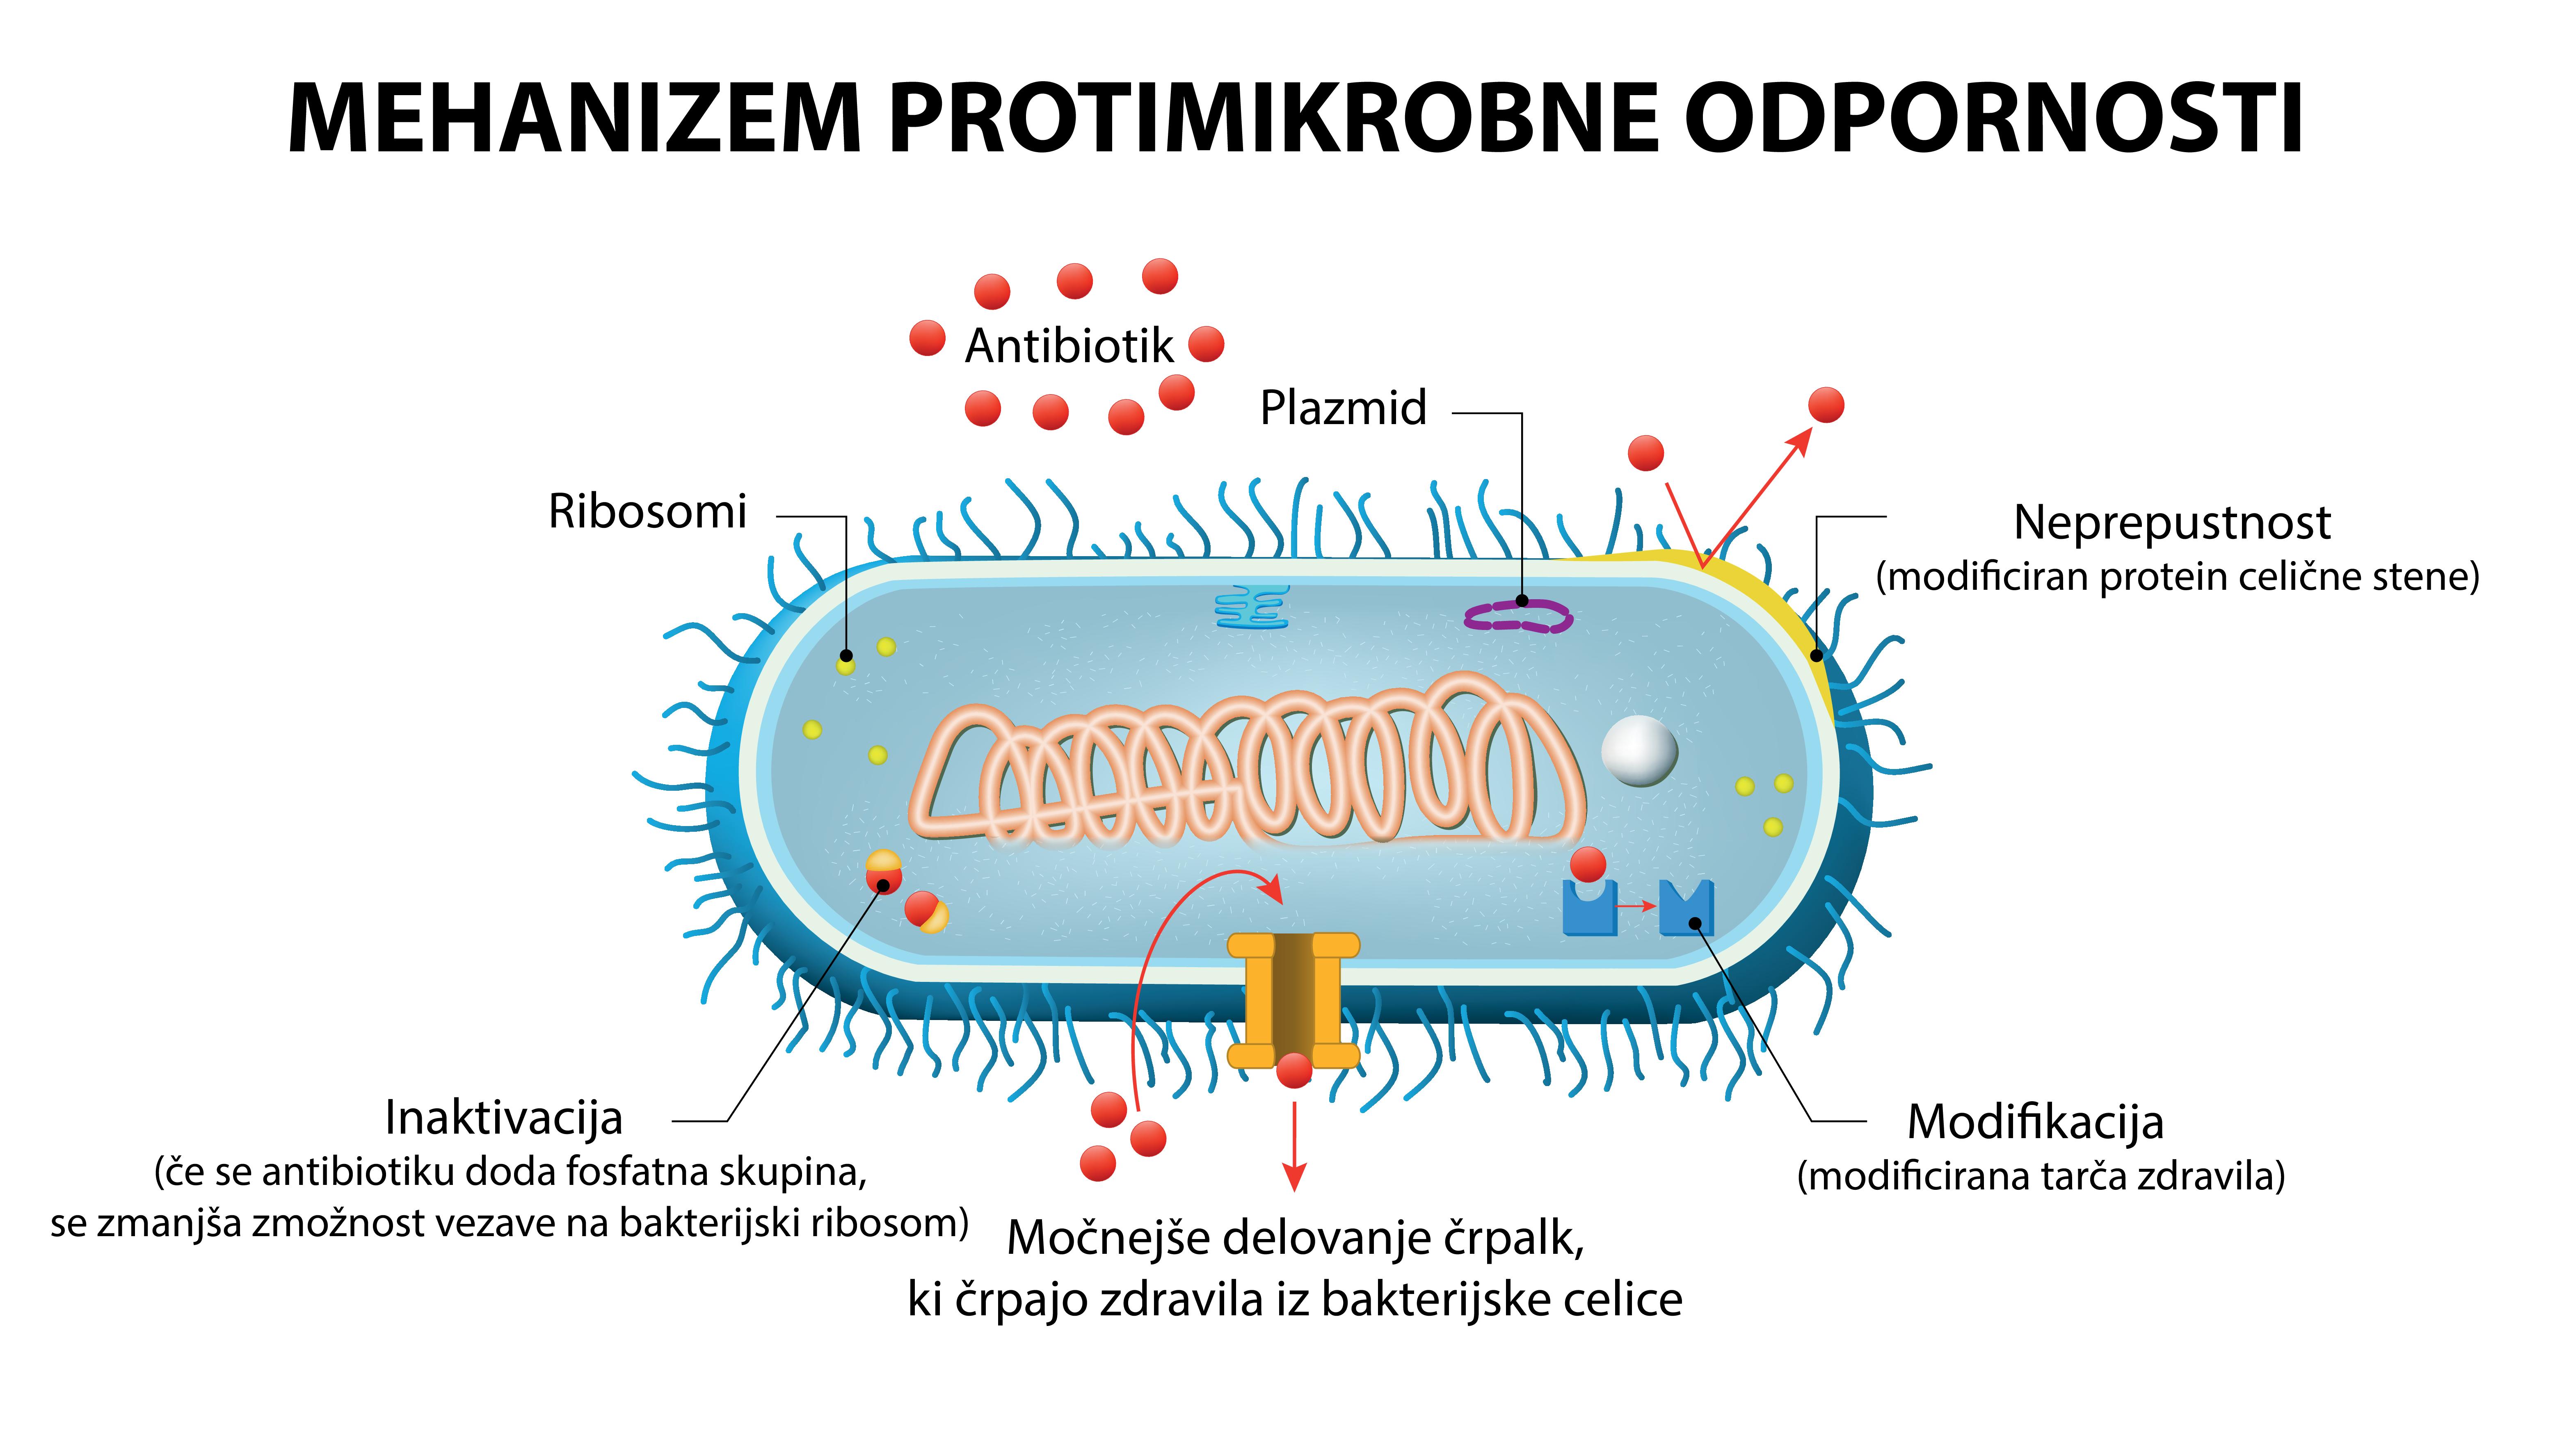 Ob elektronskem predpisu antibiotika tudi vpis diagnoze